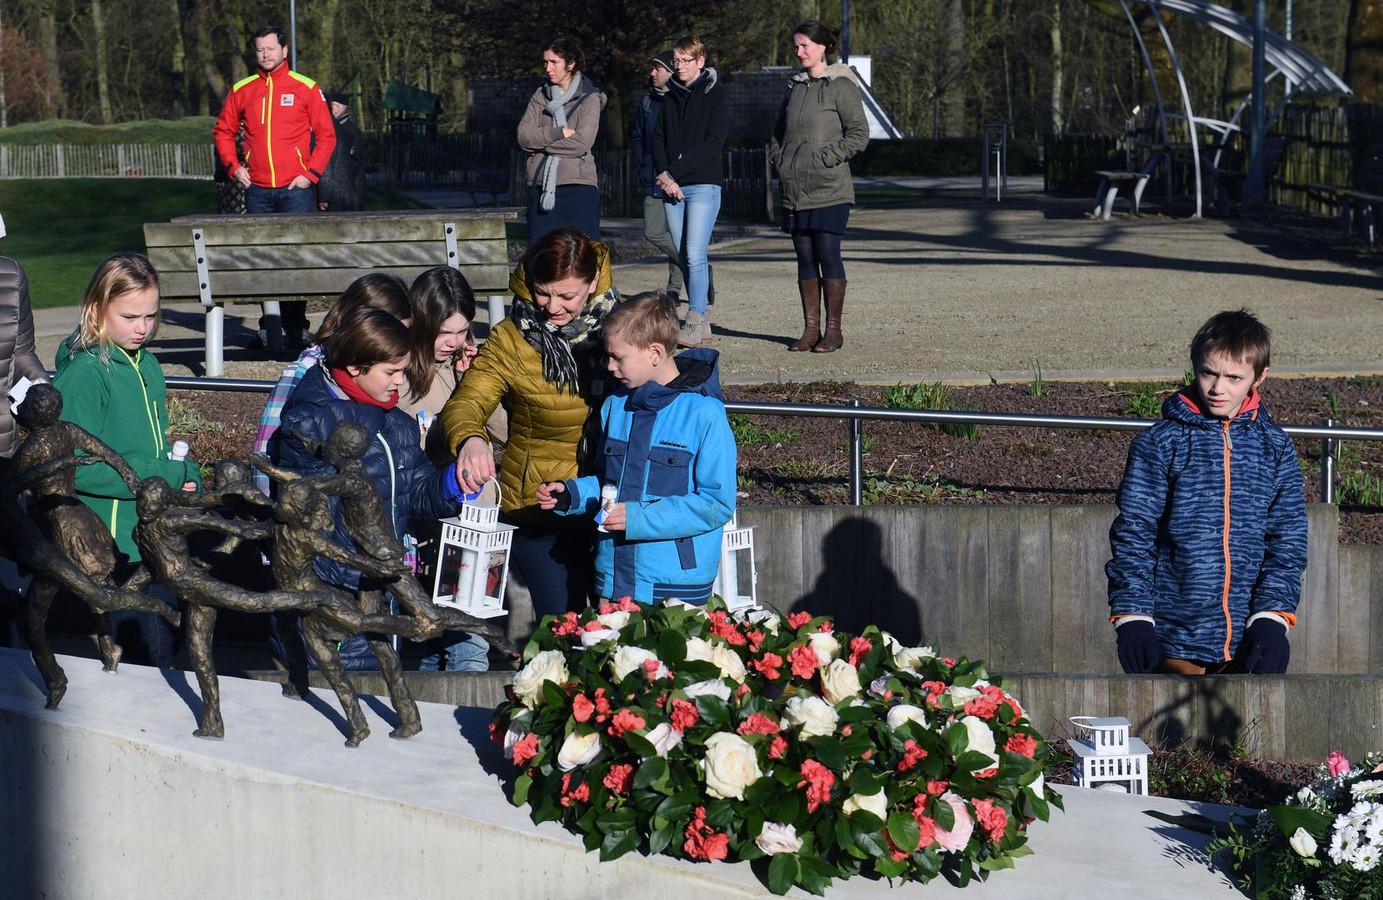 Aan het herdenkingsmonument worden kaarsjes gezet.